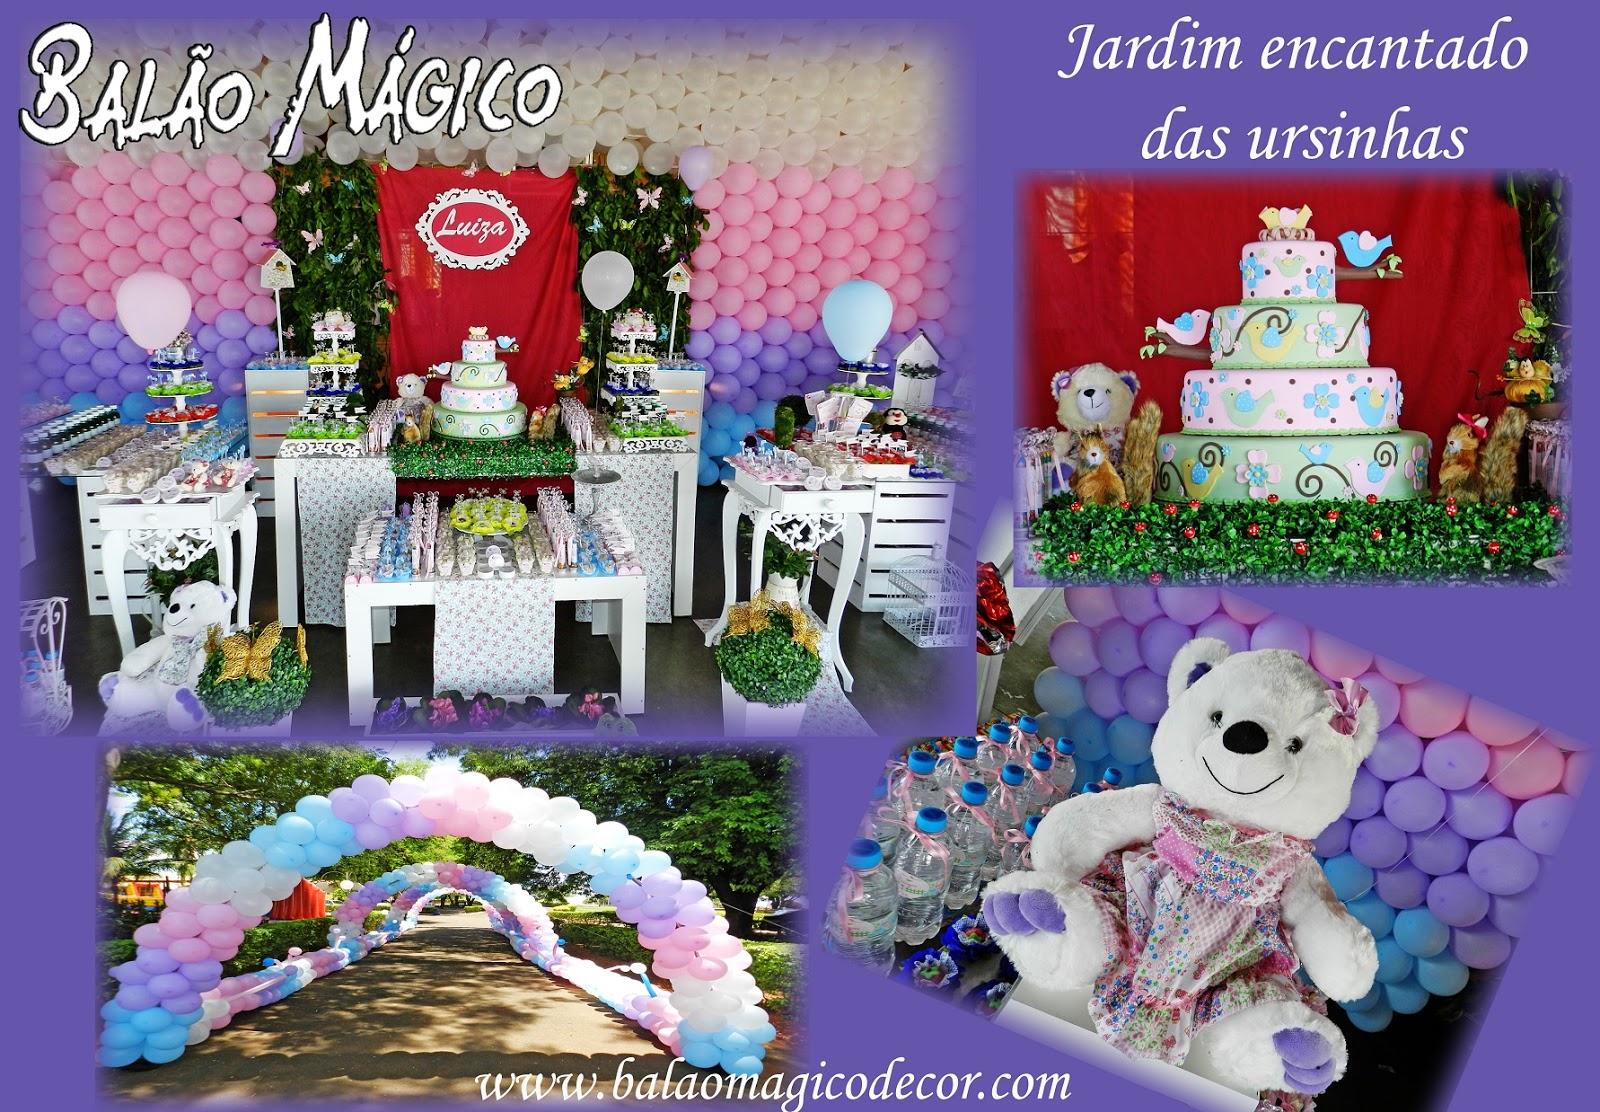 decoracao de balões jardim encantado:Agora nós somos FESTEIRAH! DECOR. : URSINHAS NO JARDIM ENCANTADO